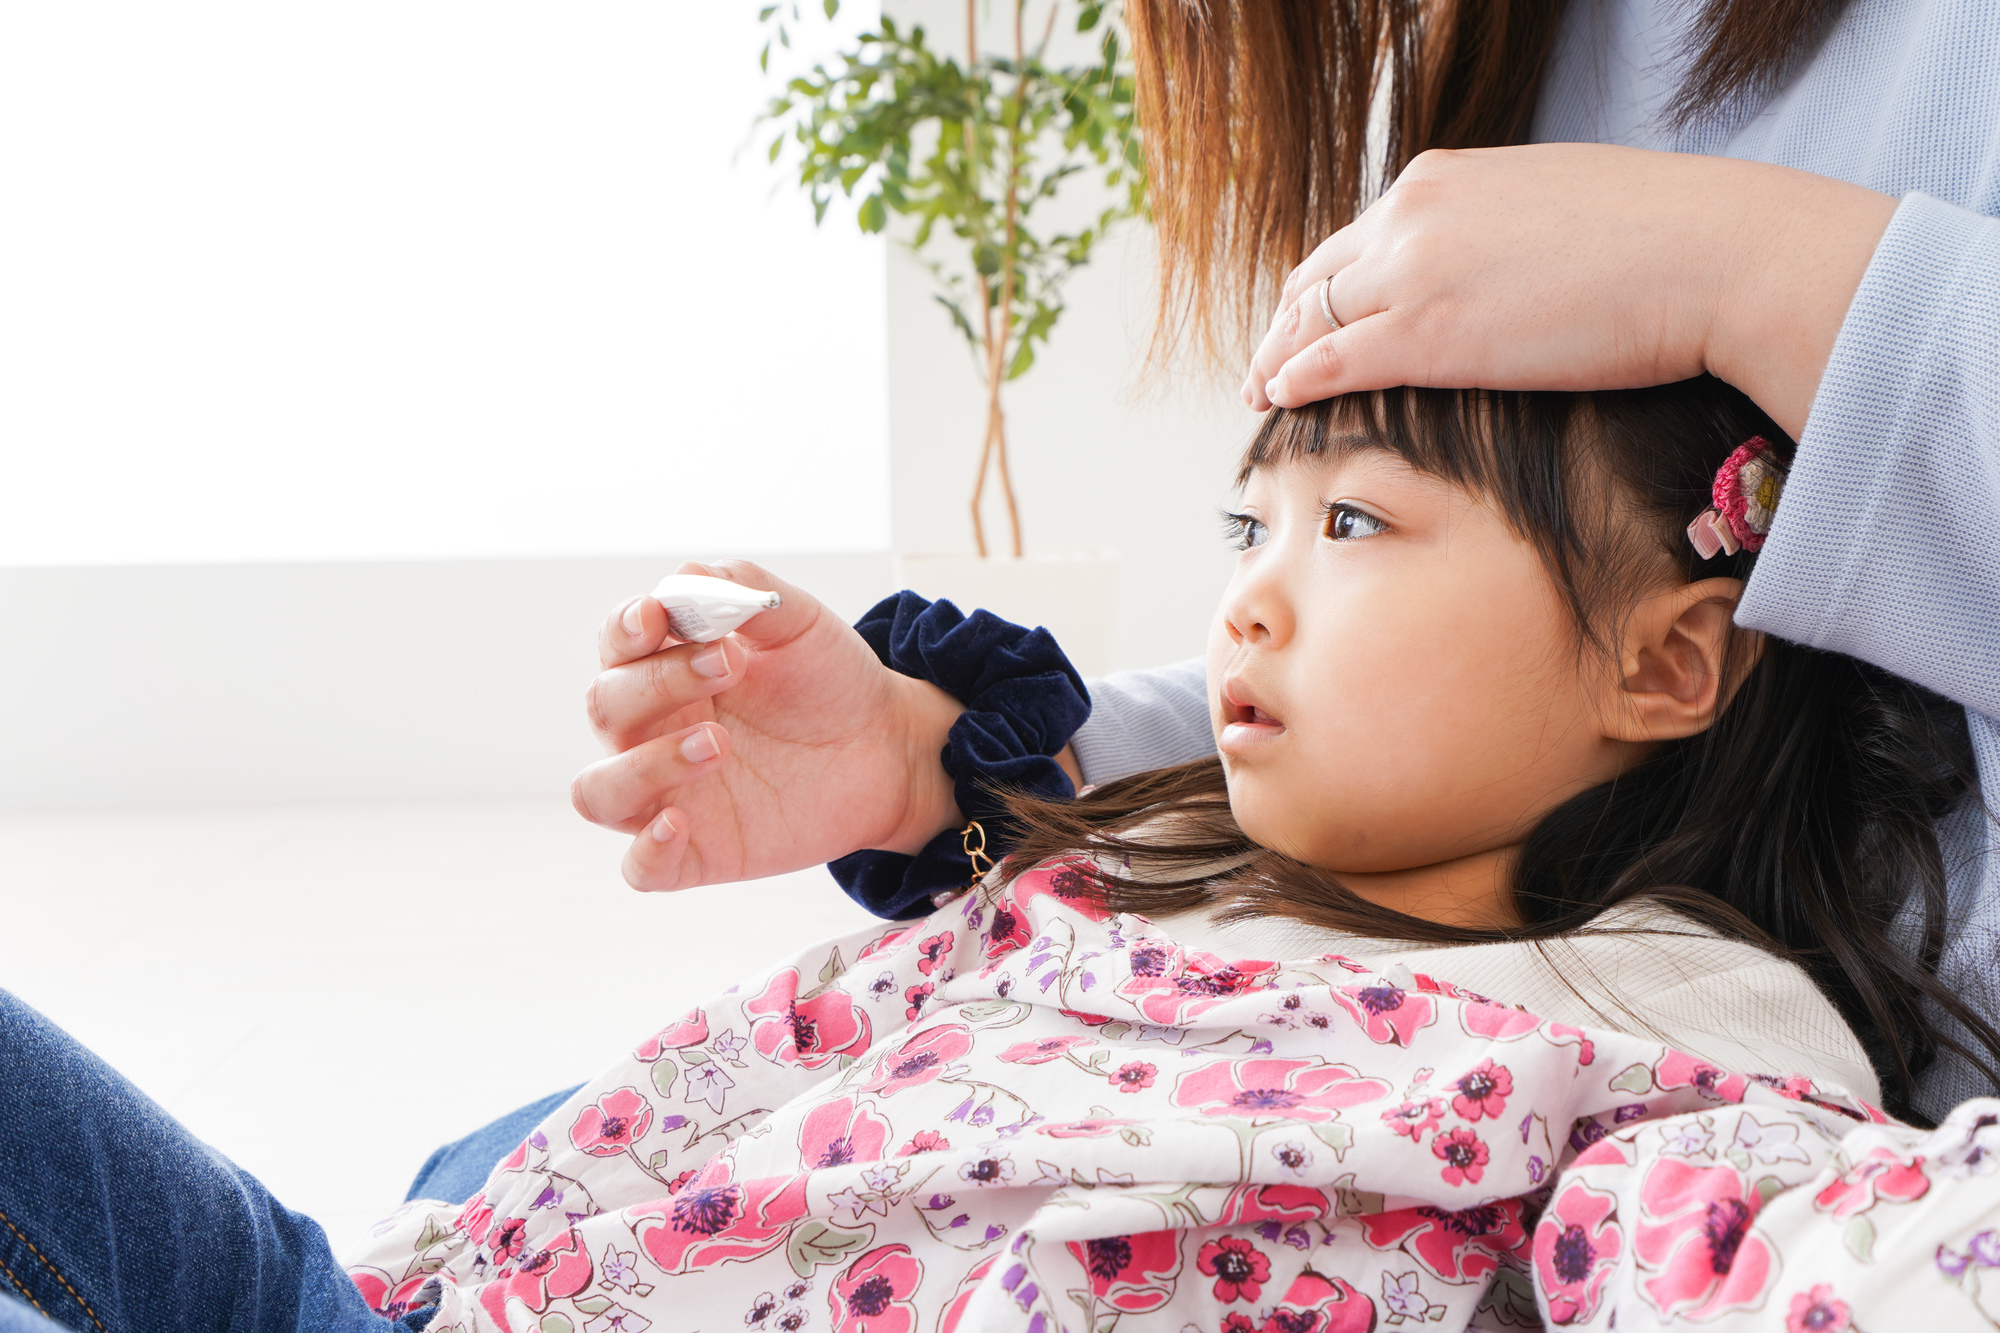 子どものインフルエンザの初期症状と対処。風邪との違い|小児科専門医監修